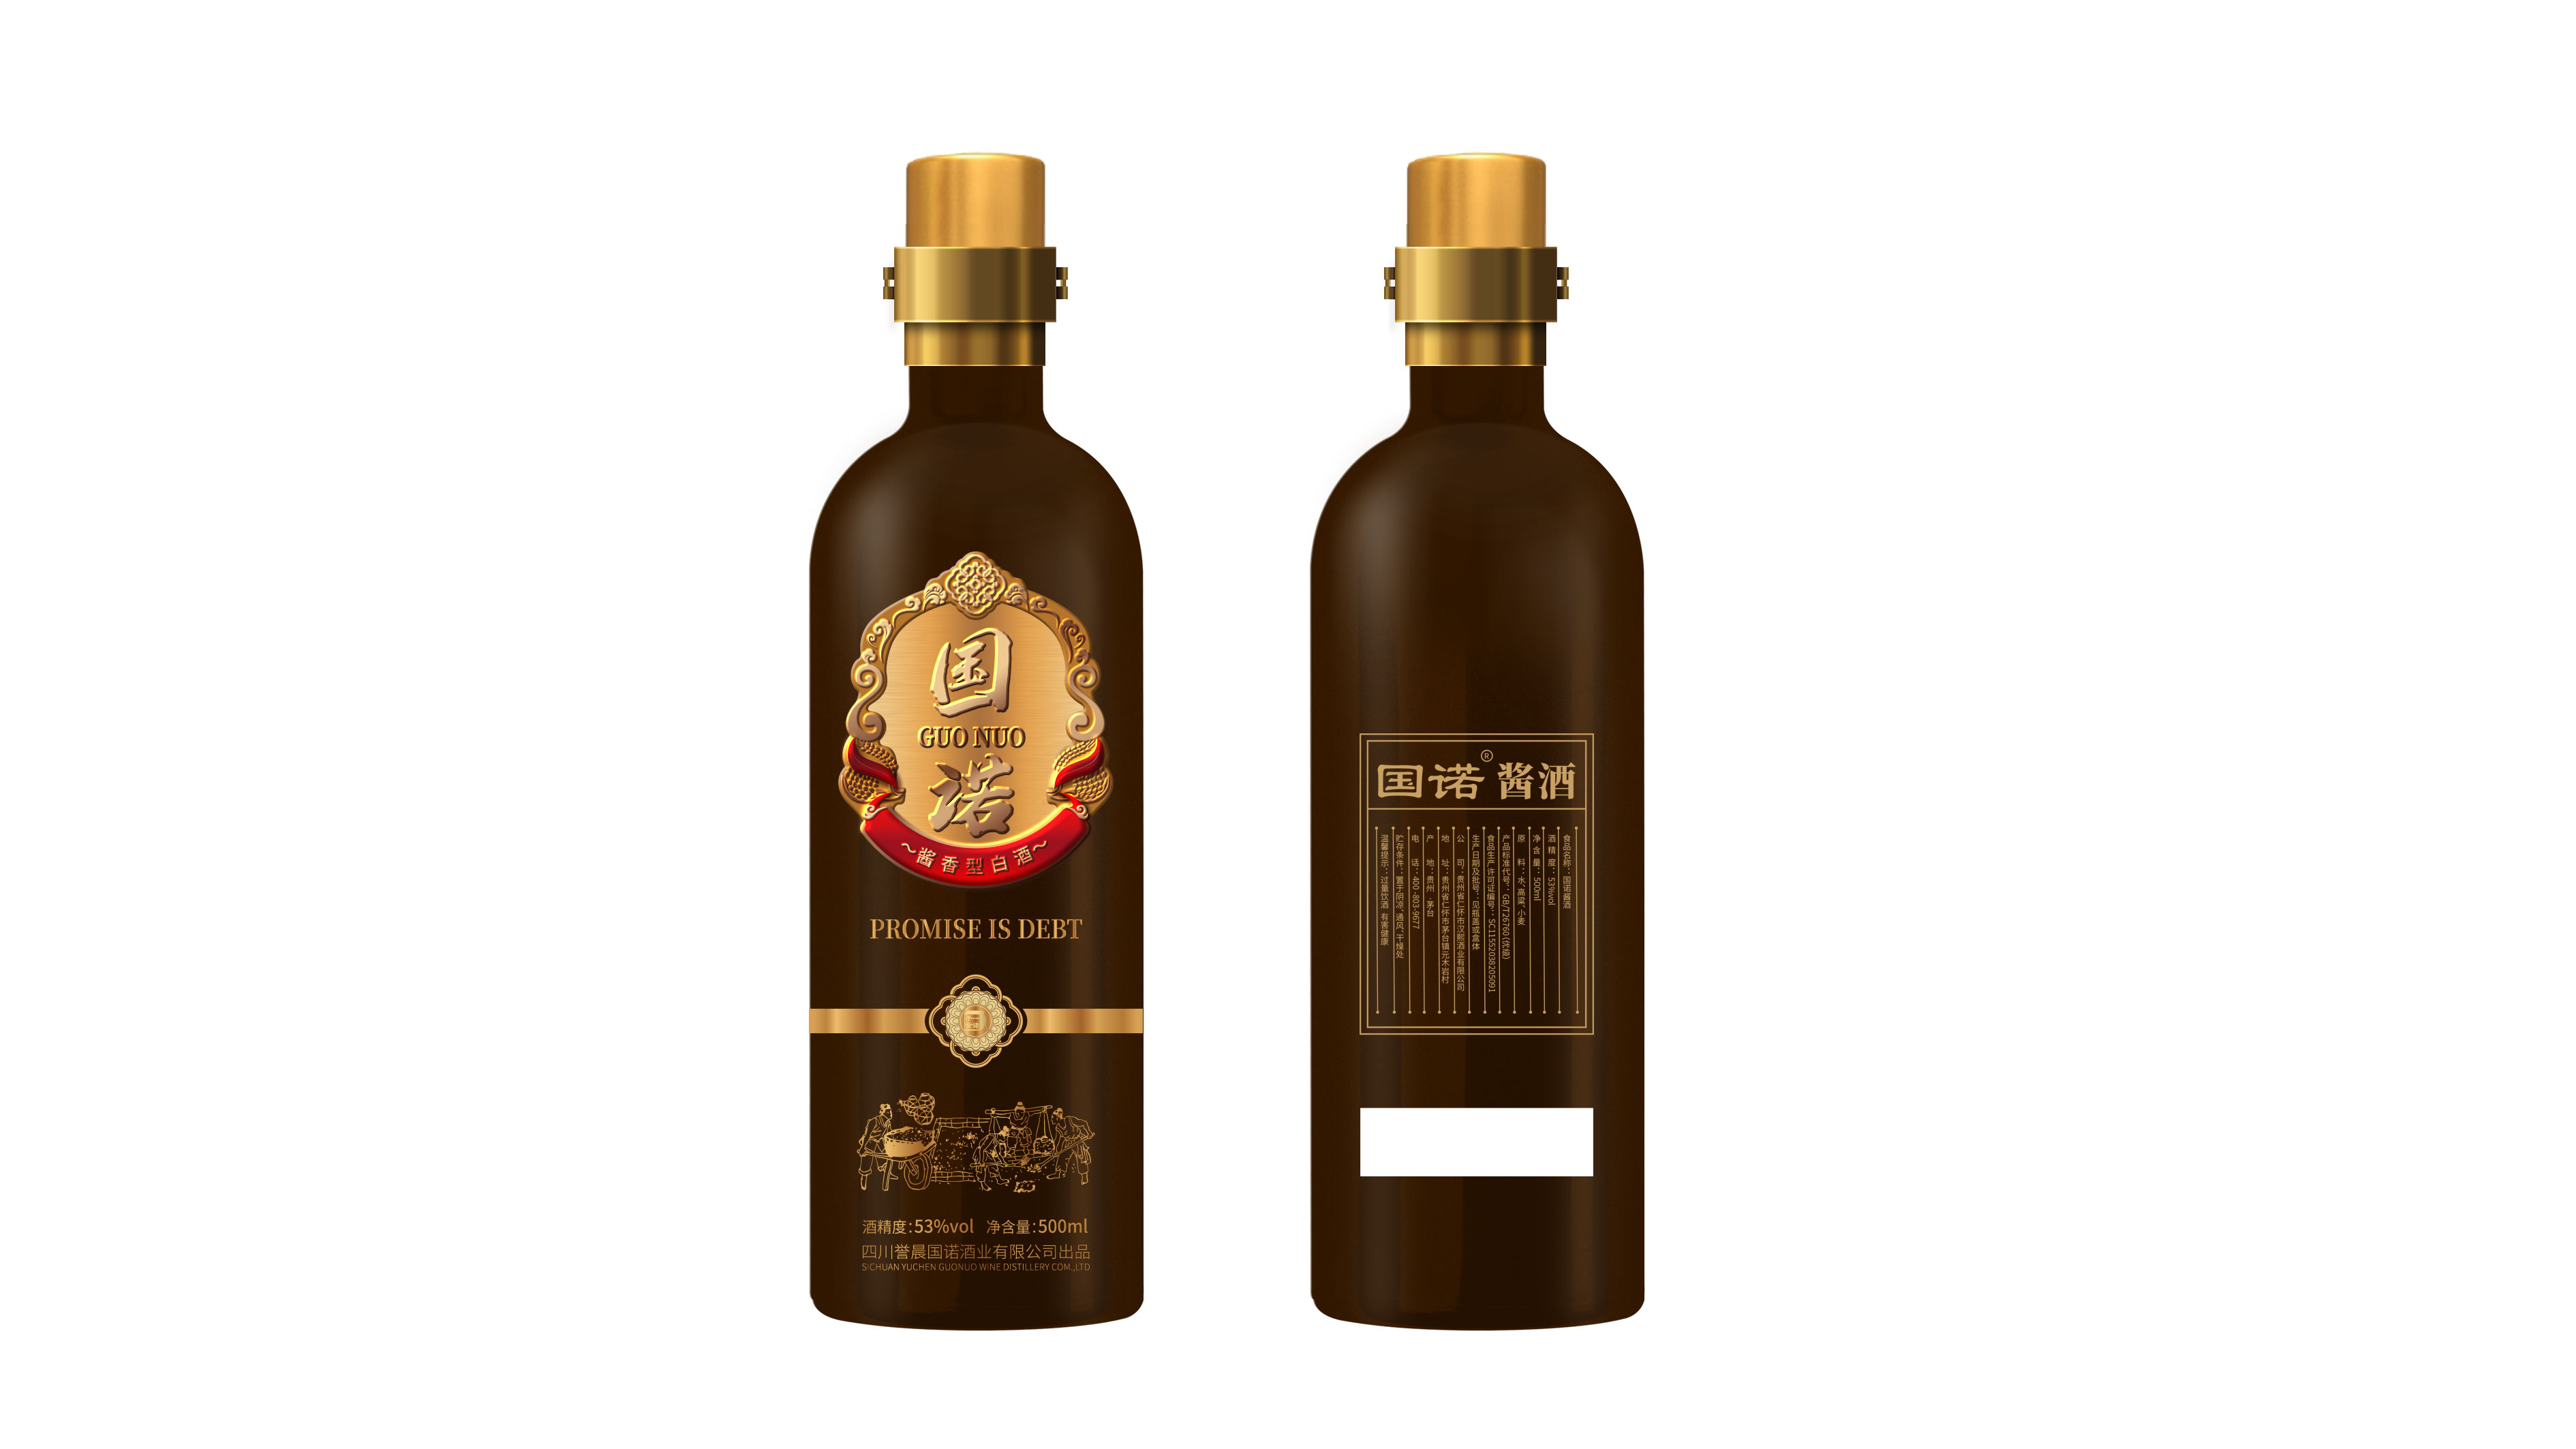 國諾醬香型白酒品牌包裝設計